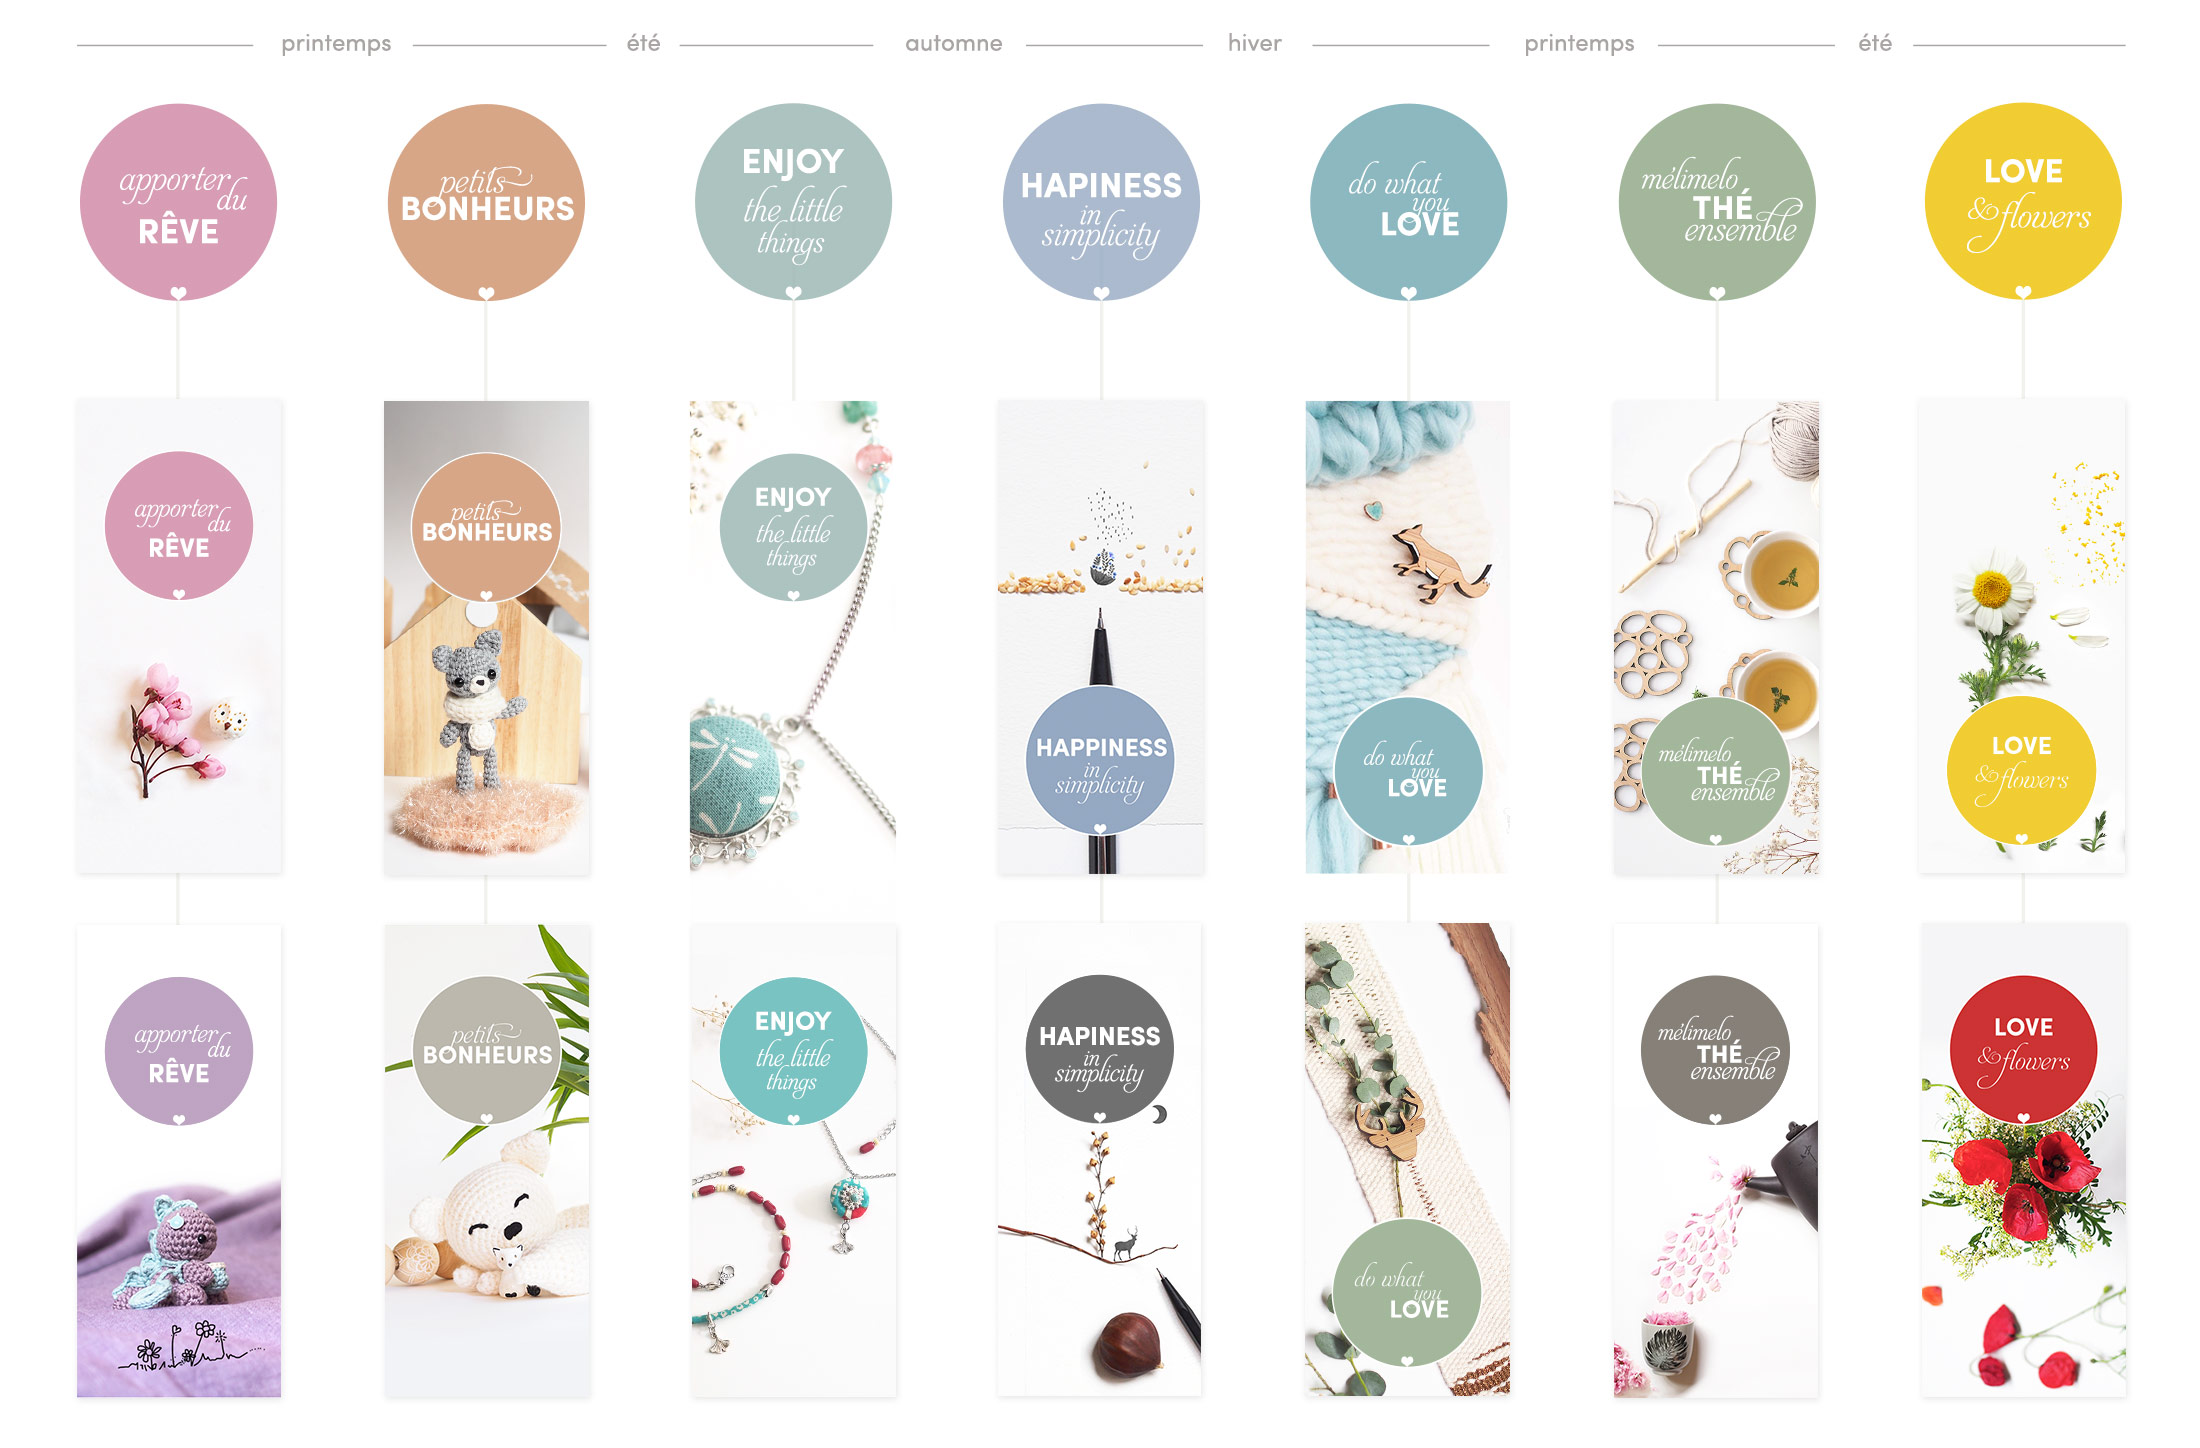 La Boutique de MeliMelo créations mignonneries saisons poésie MooCards identité visuelle HenkaWebs Henka Arquitectos